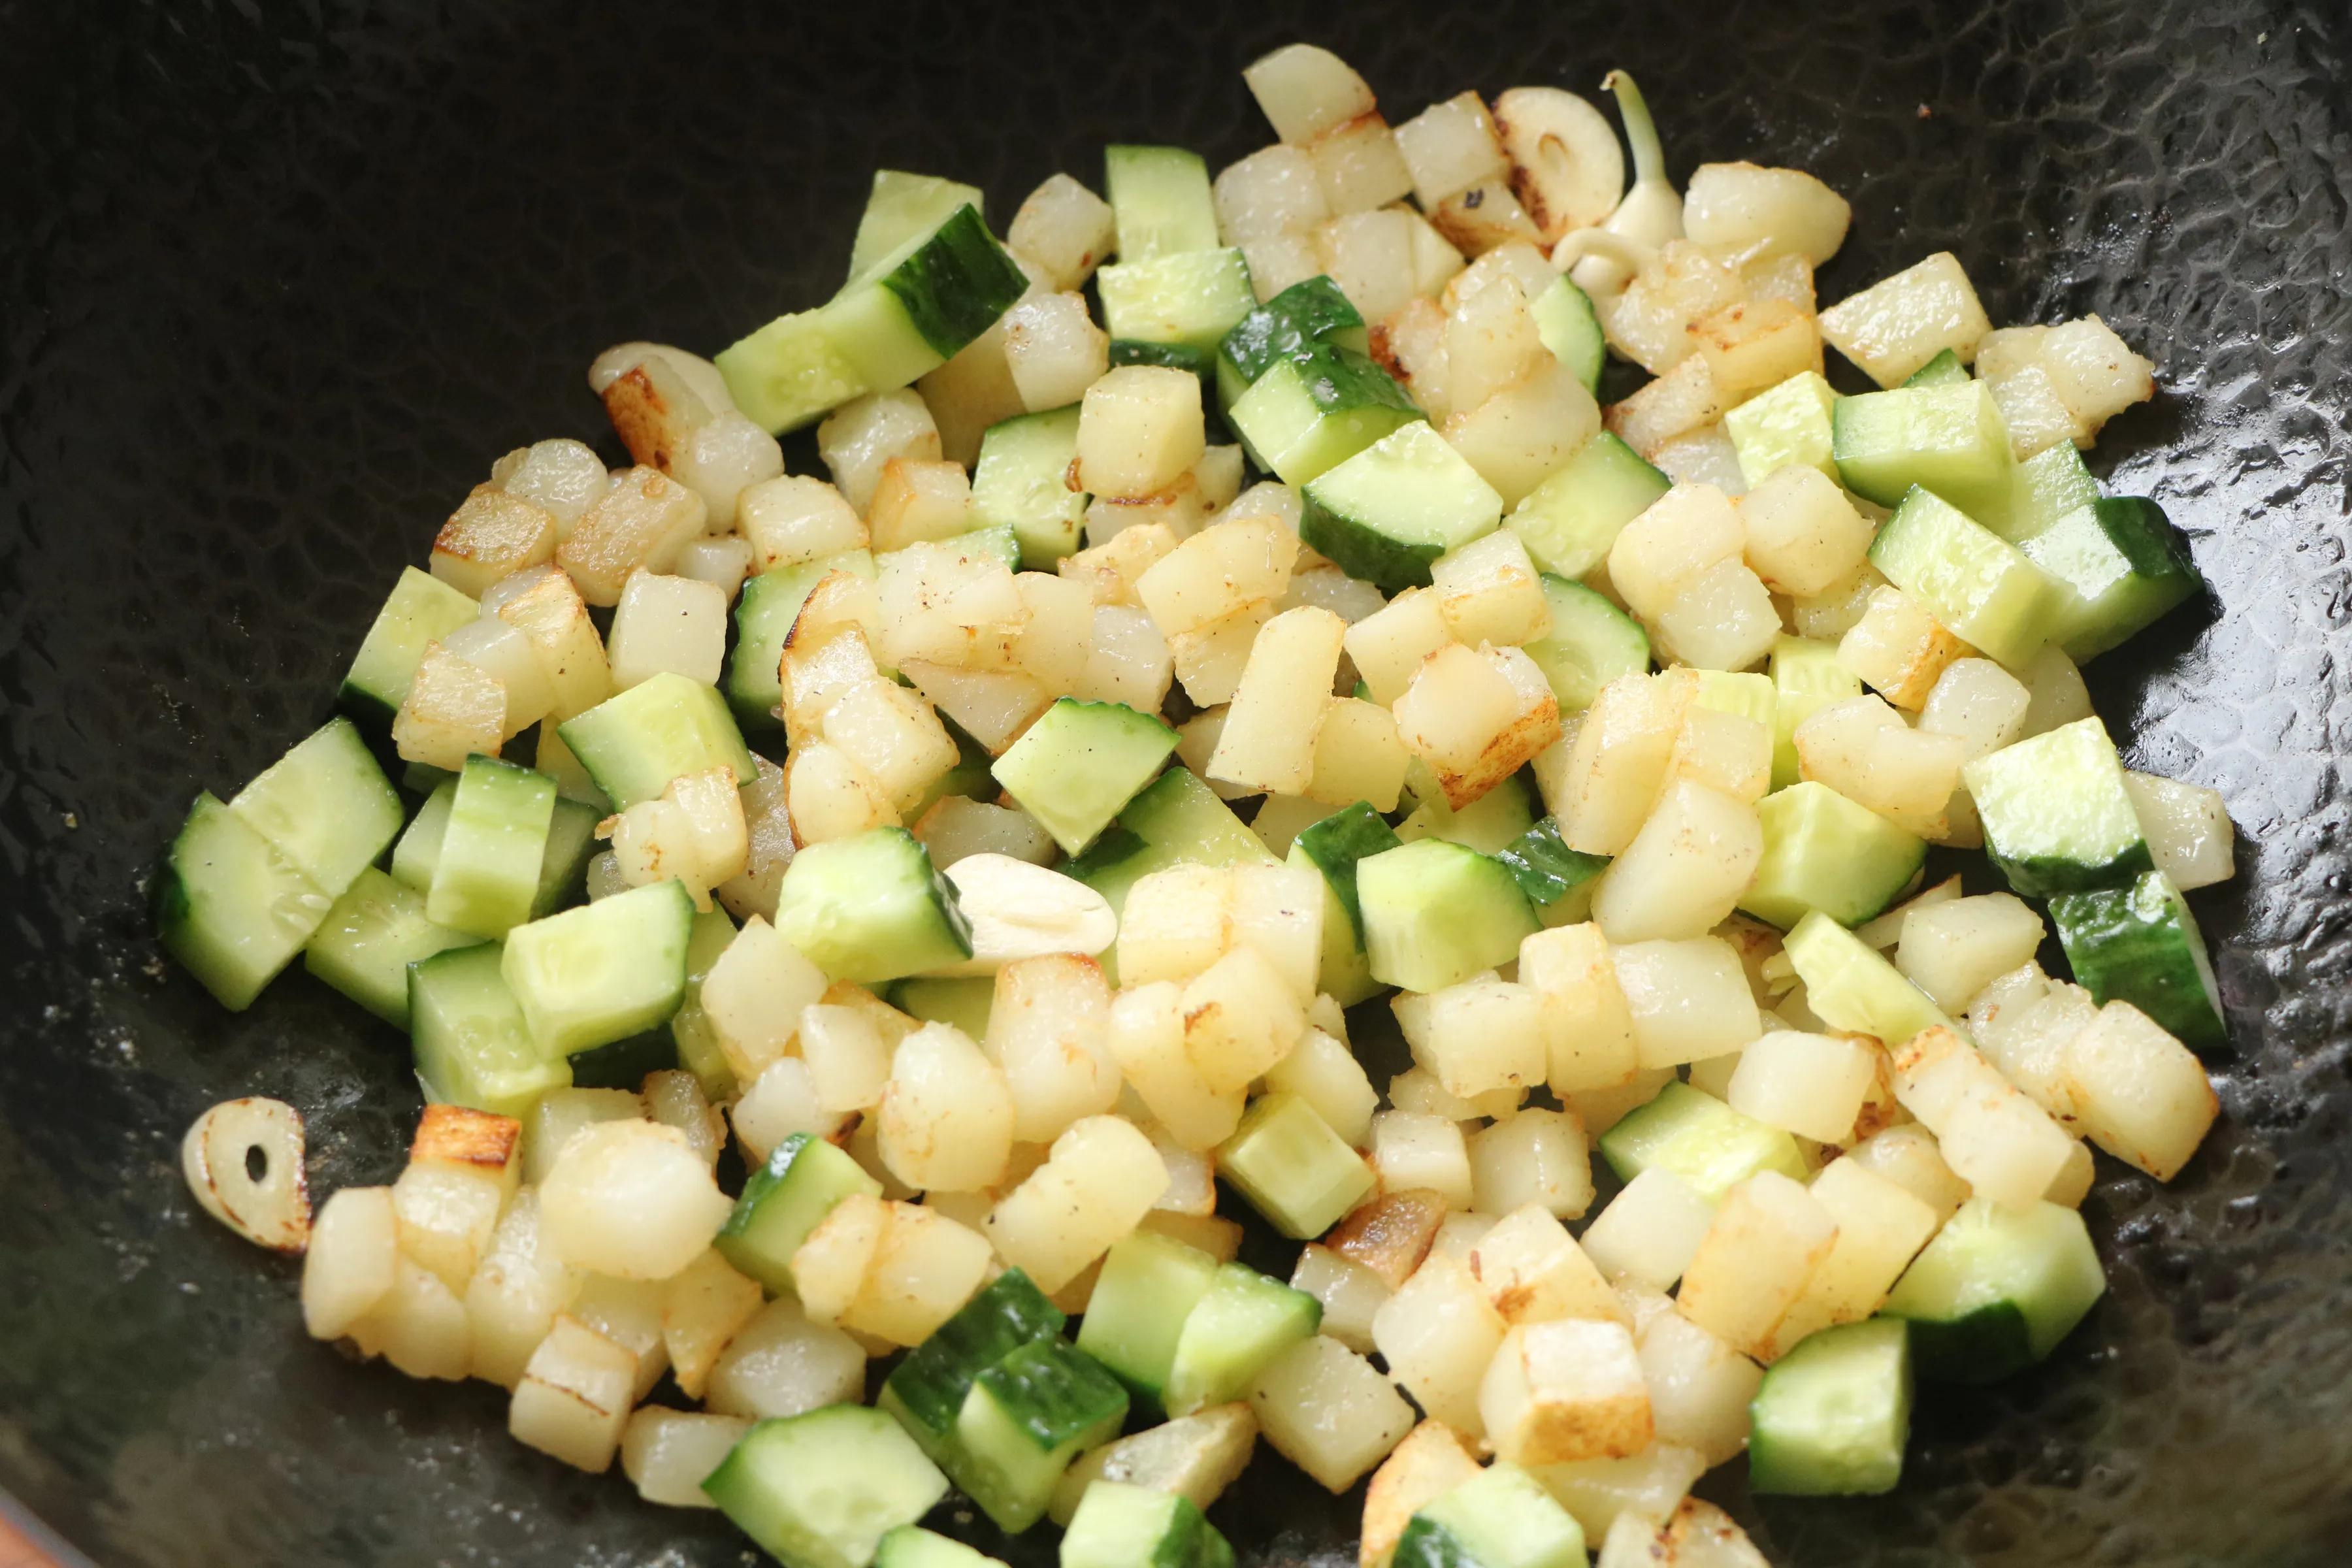 這3樣食材一起炒太下飯了,鮮香味美,低油低脂,2碗米飯不過癮